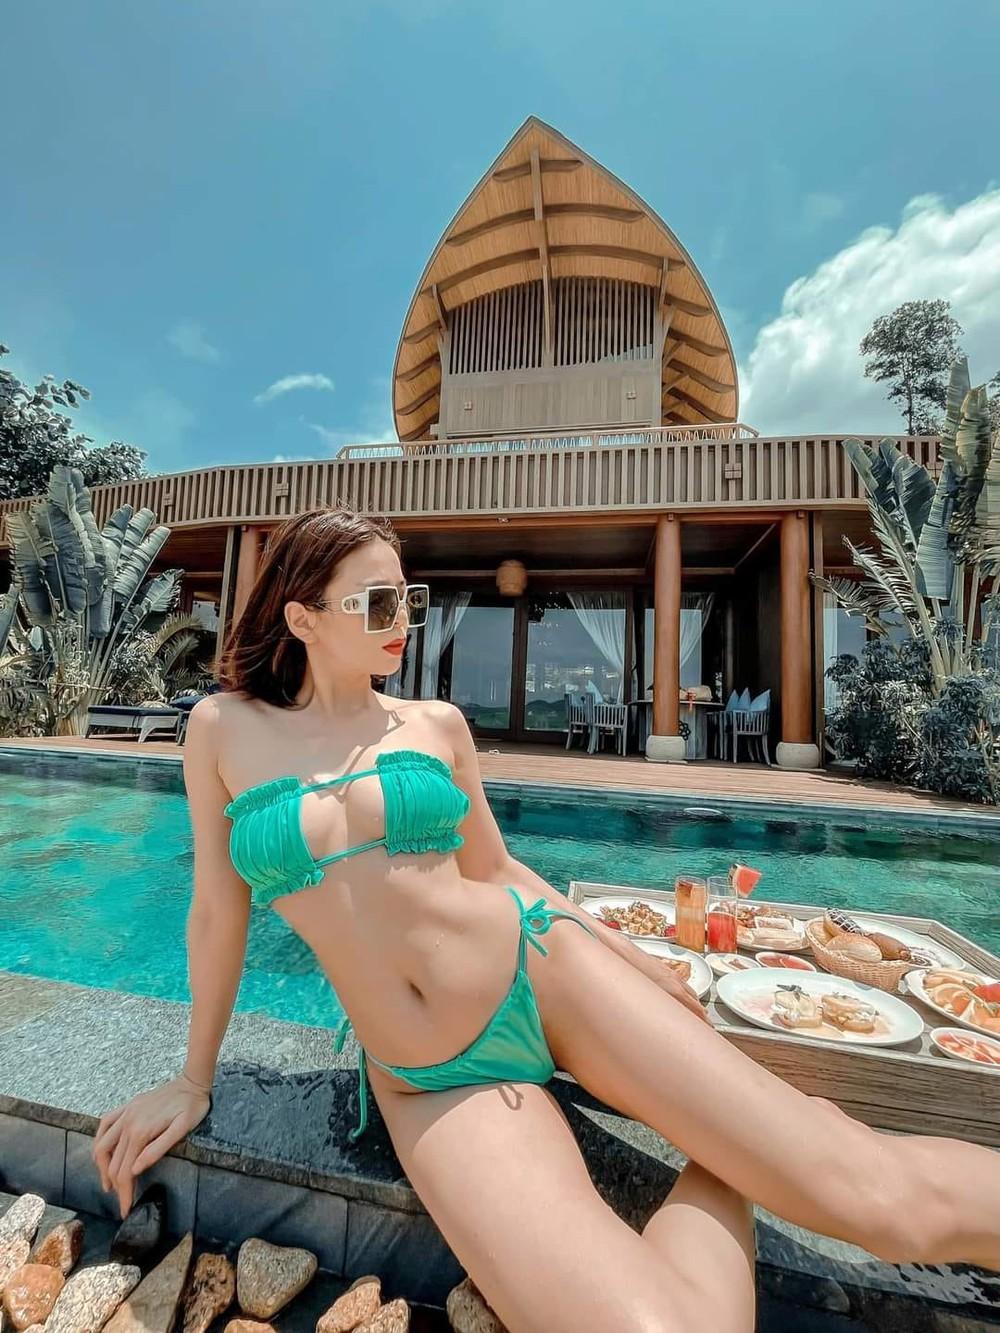 Bị chê vì liên tục diện bikini hở bạo, Lệ Quyên tinh tế đáp trả, khiến netizen gật gù tán thành - Ảnh 1.